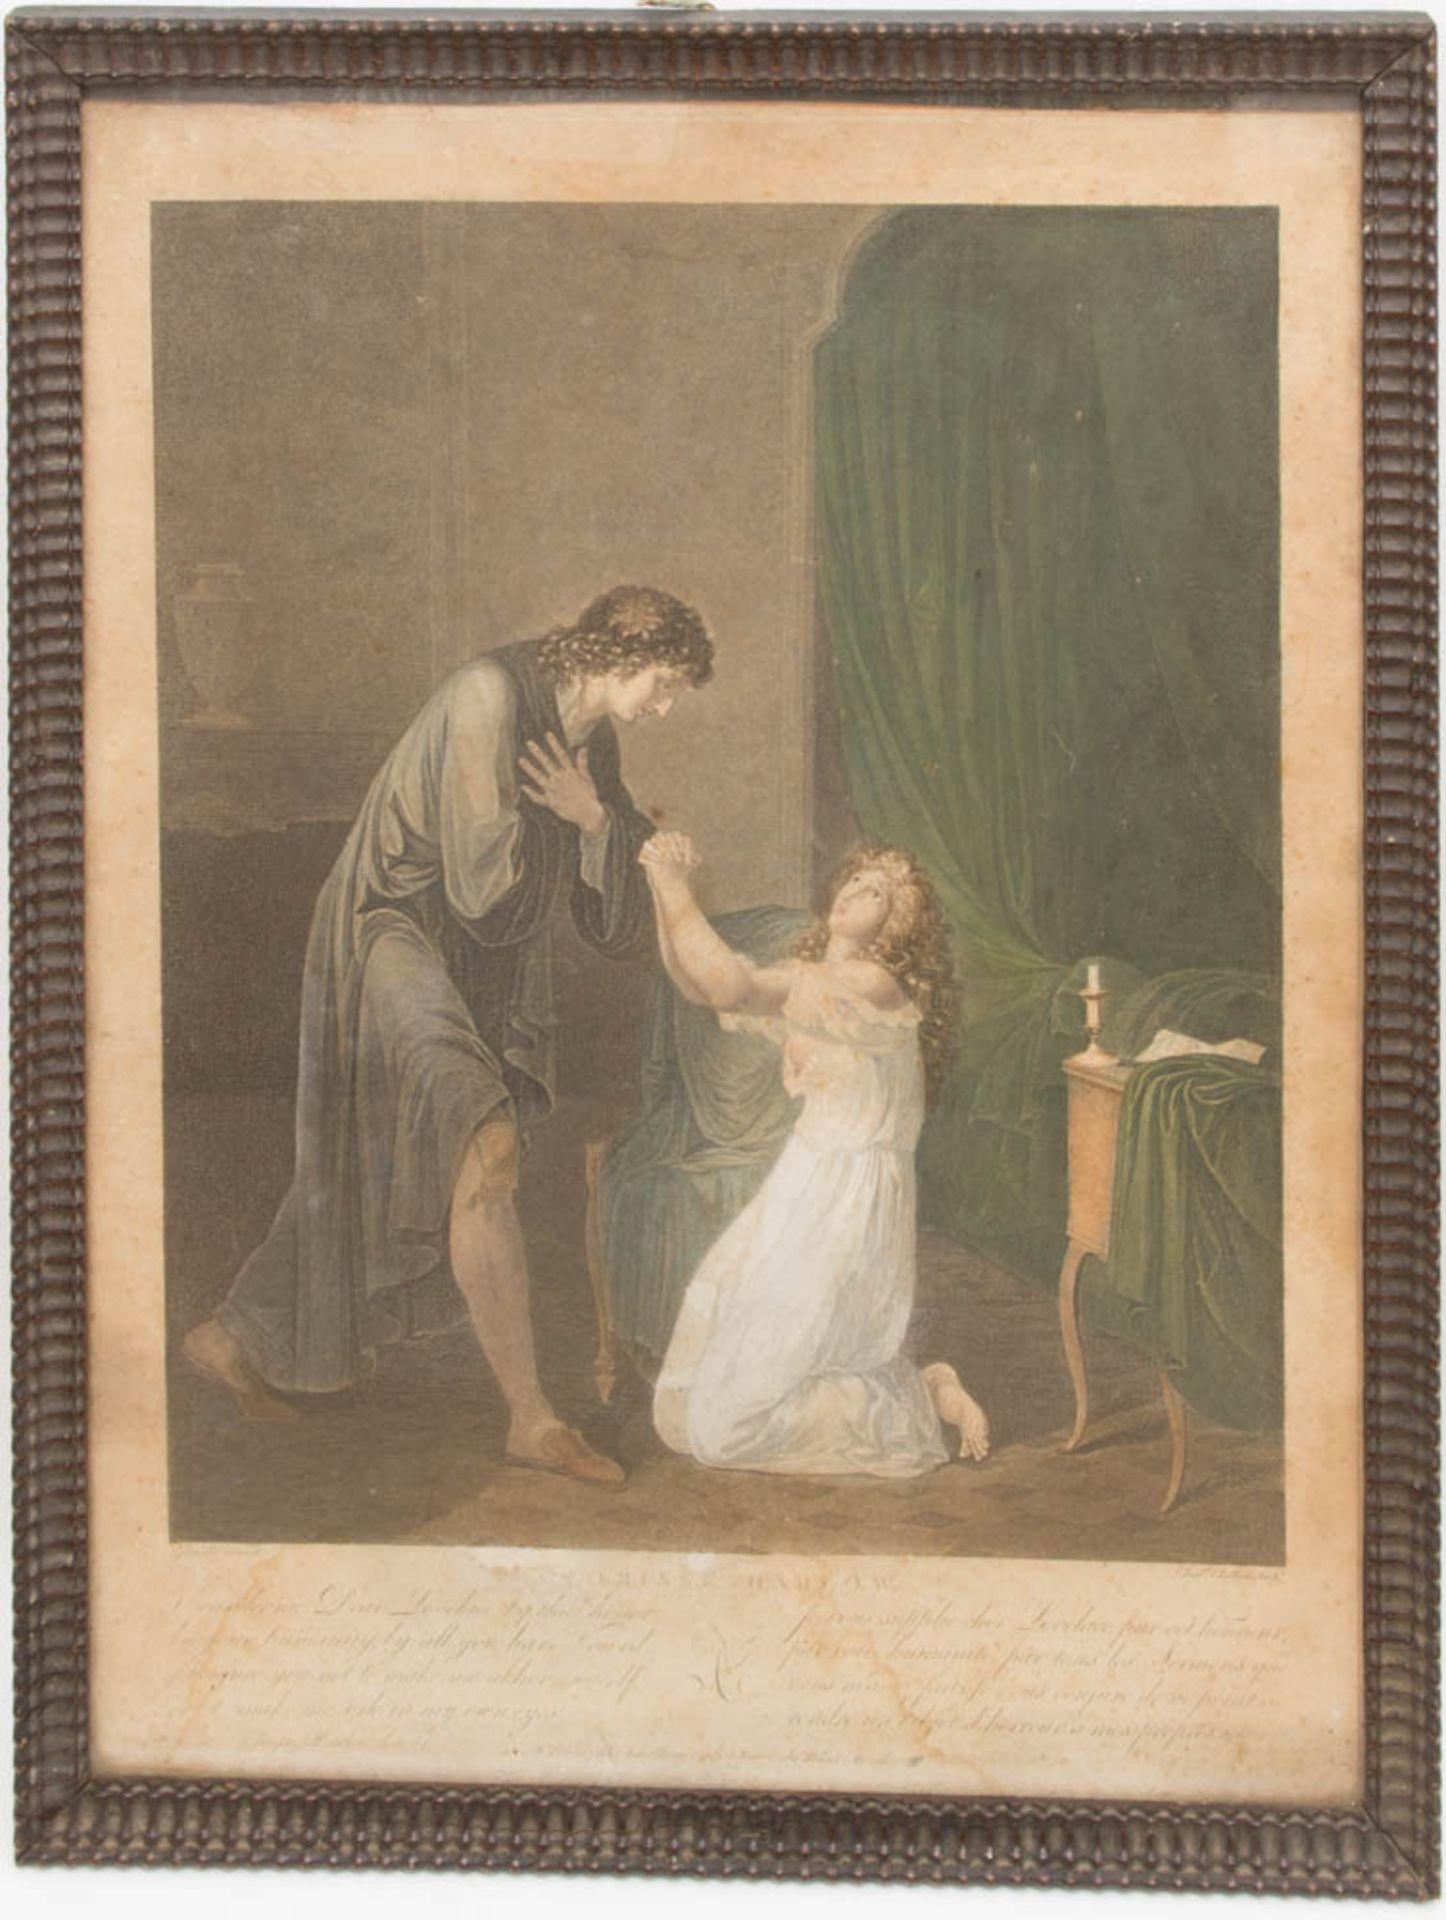 Die Leiden der Clarissa von Harlow, Druckgrafik, 19. Jh.Beide hinter Glas gerahmt, lei - Bild 5 aus 7